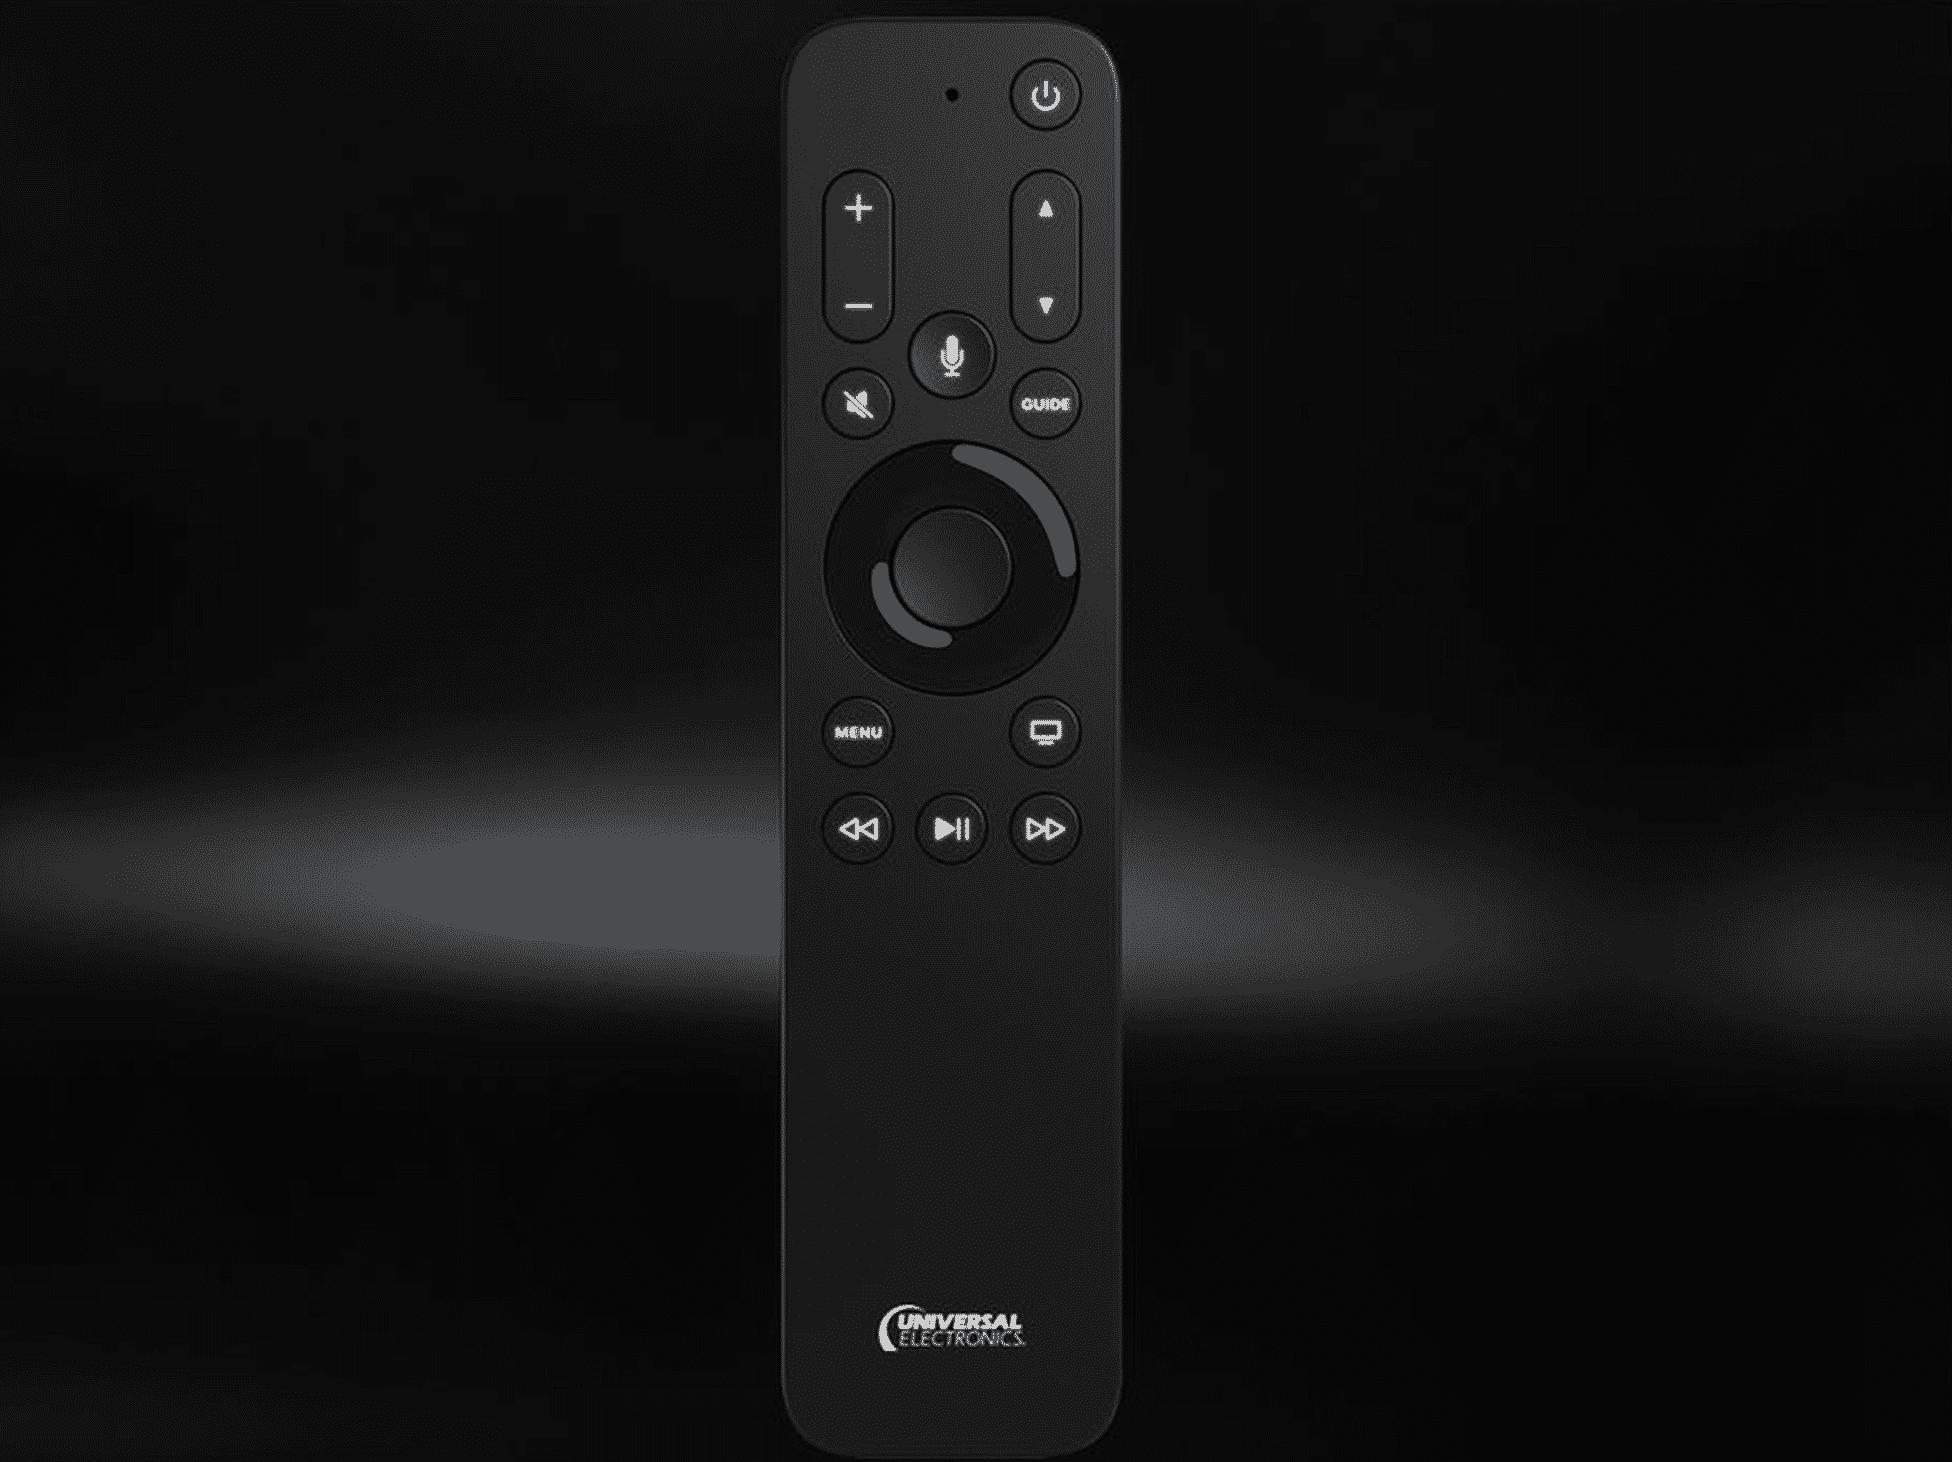 UEI Remote